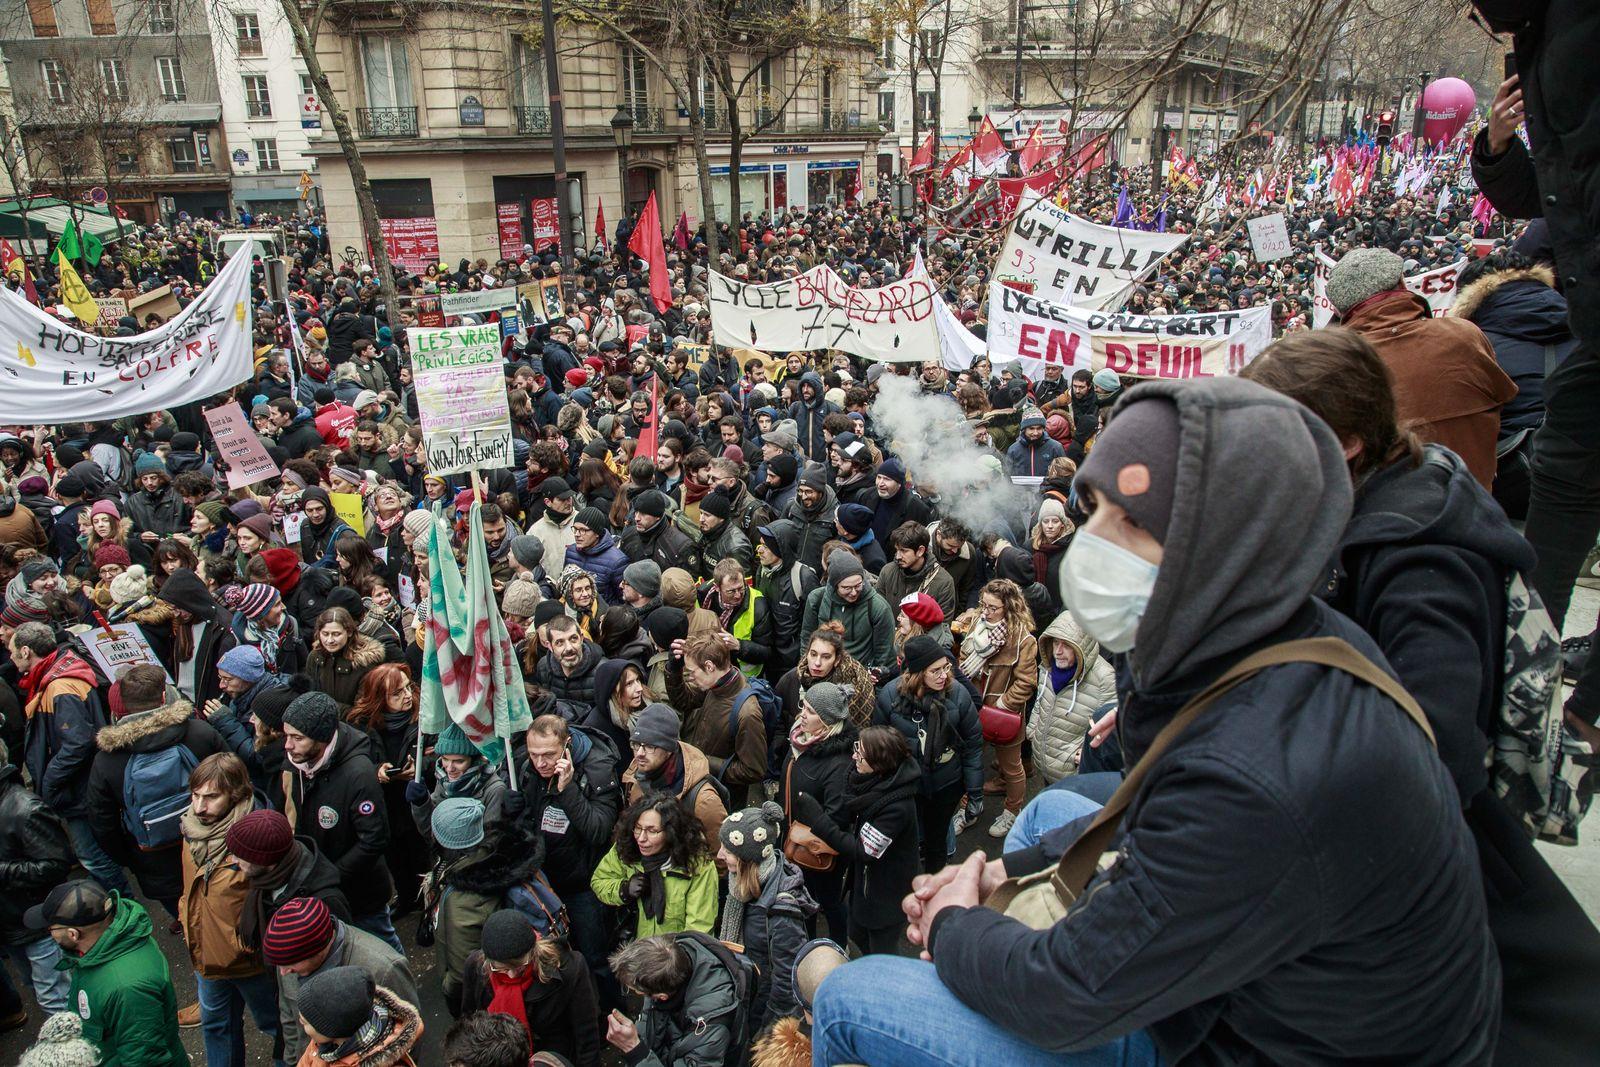 Streik/ Frankreich/ 2019/ Proteste/ Demonstrationen